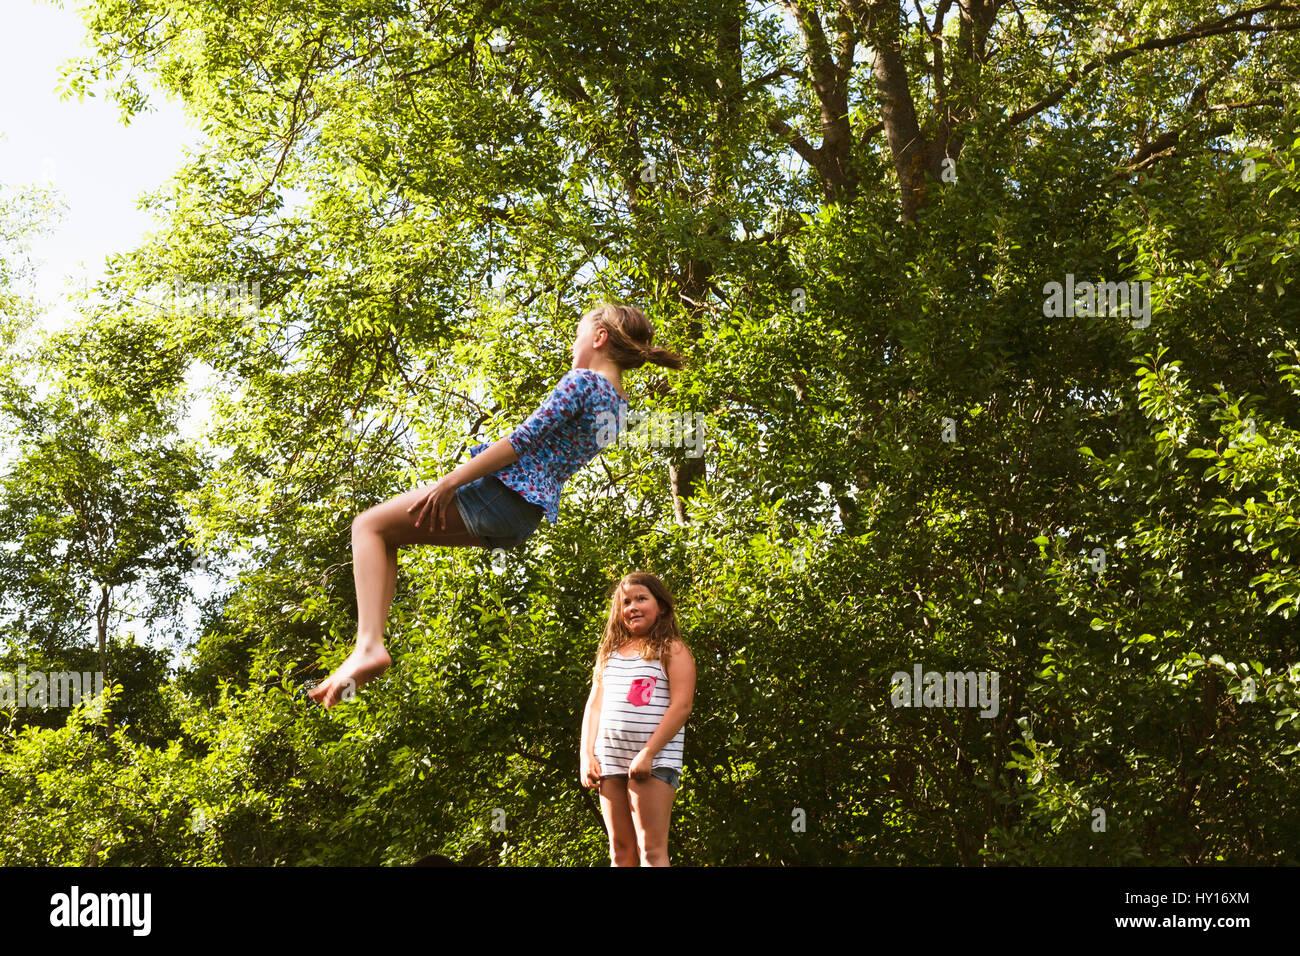 Schweden, Oland, zwei Mädchen (8-9, 10-11) spielen an einem sonnigen Tag Stockbild